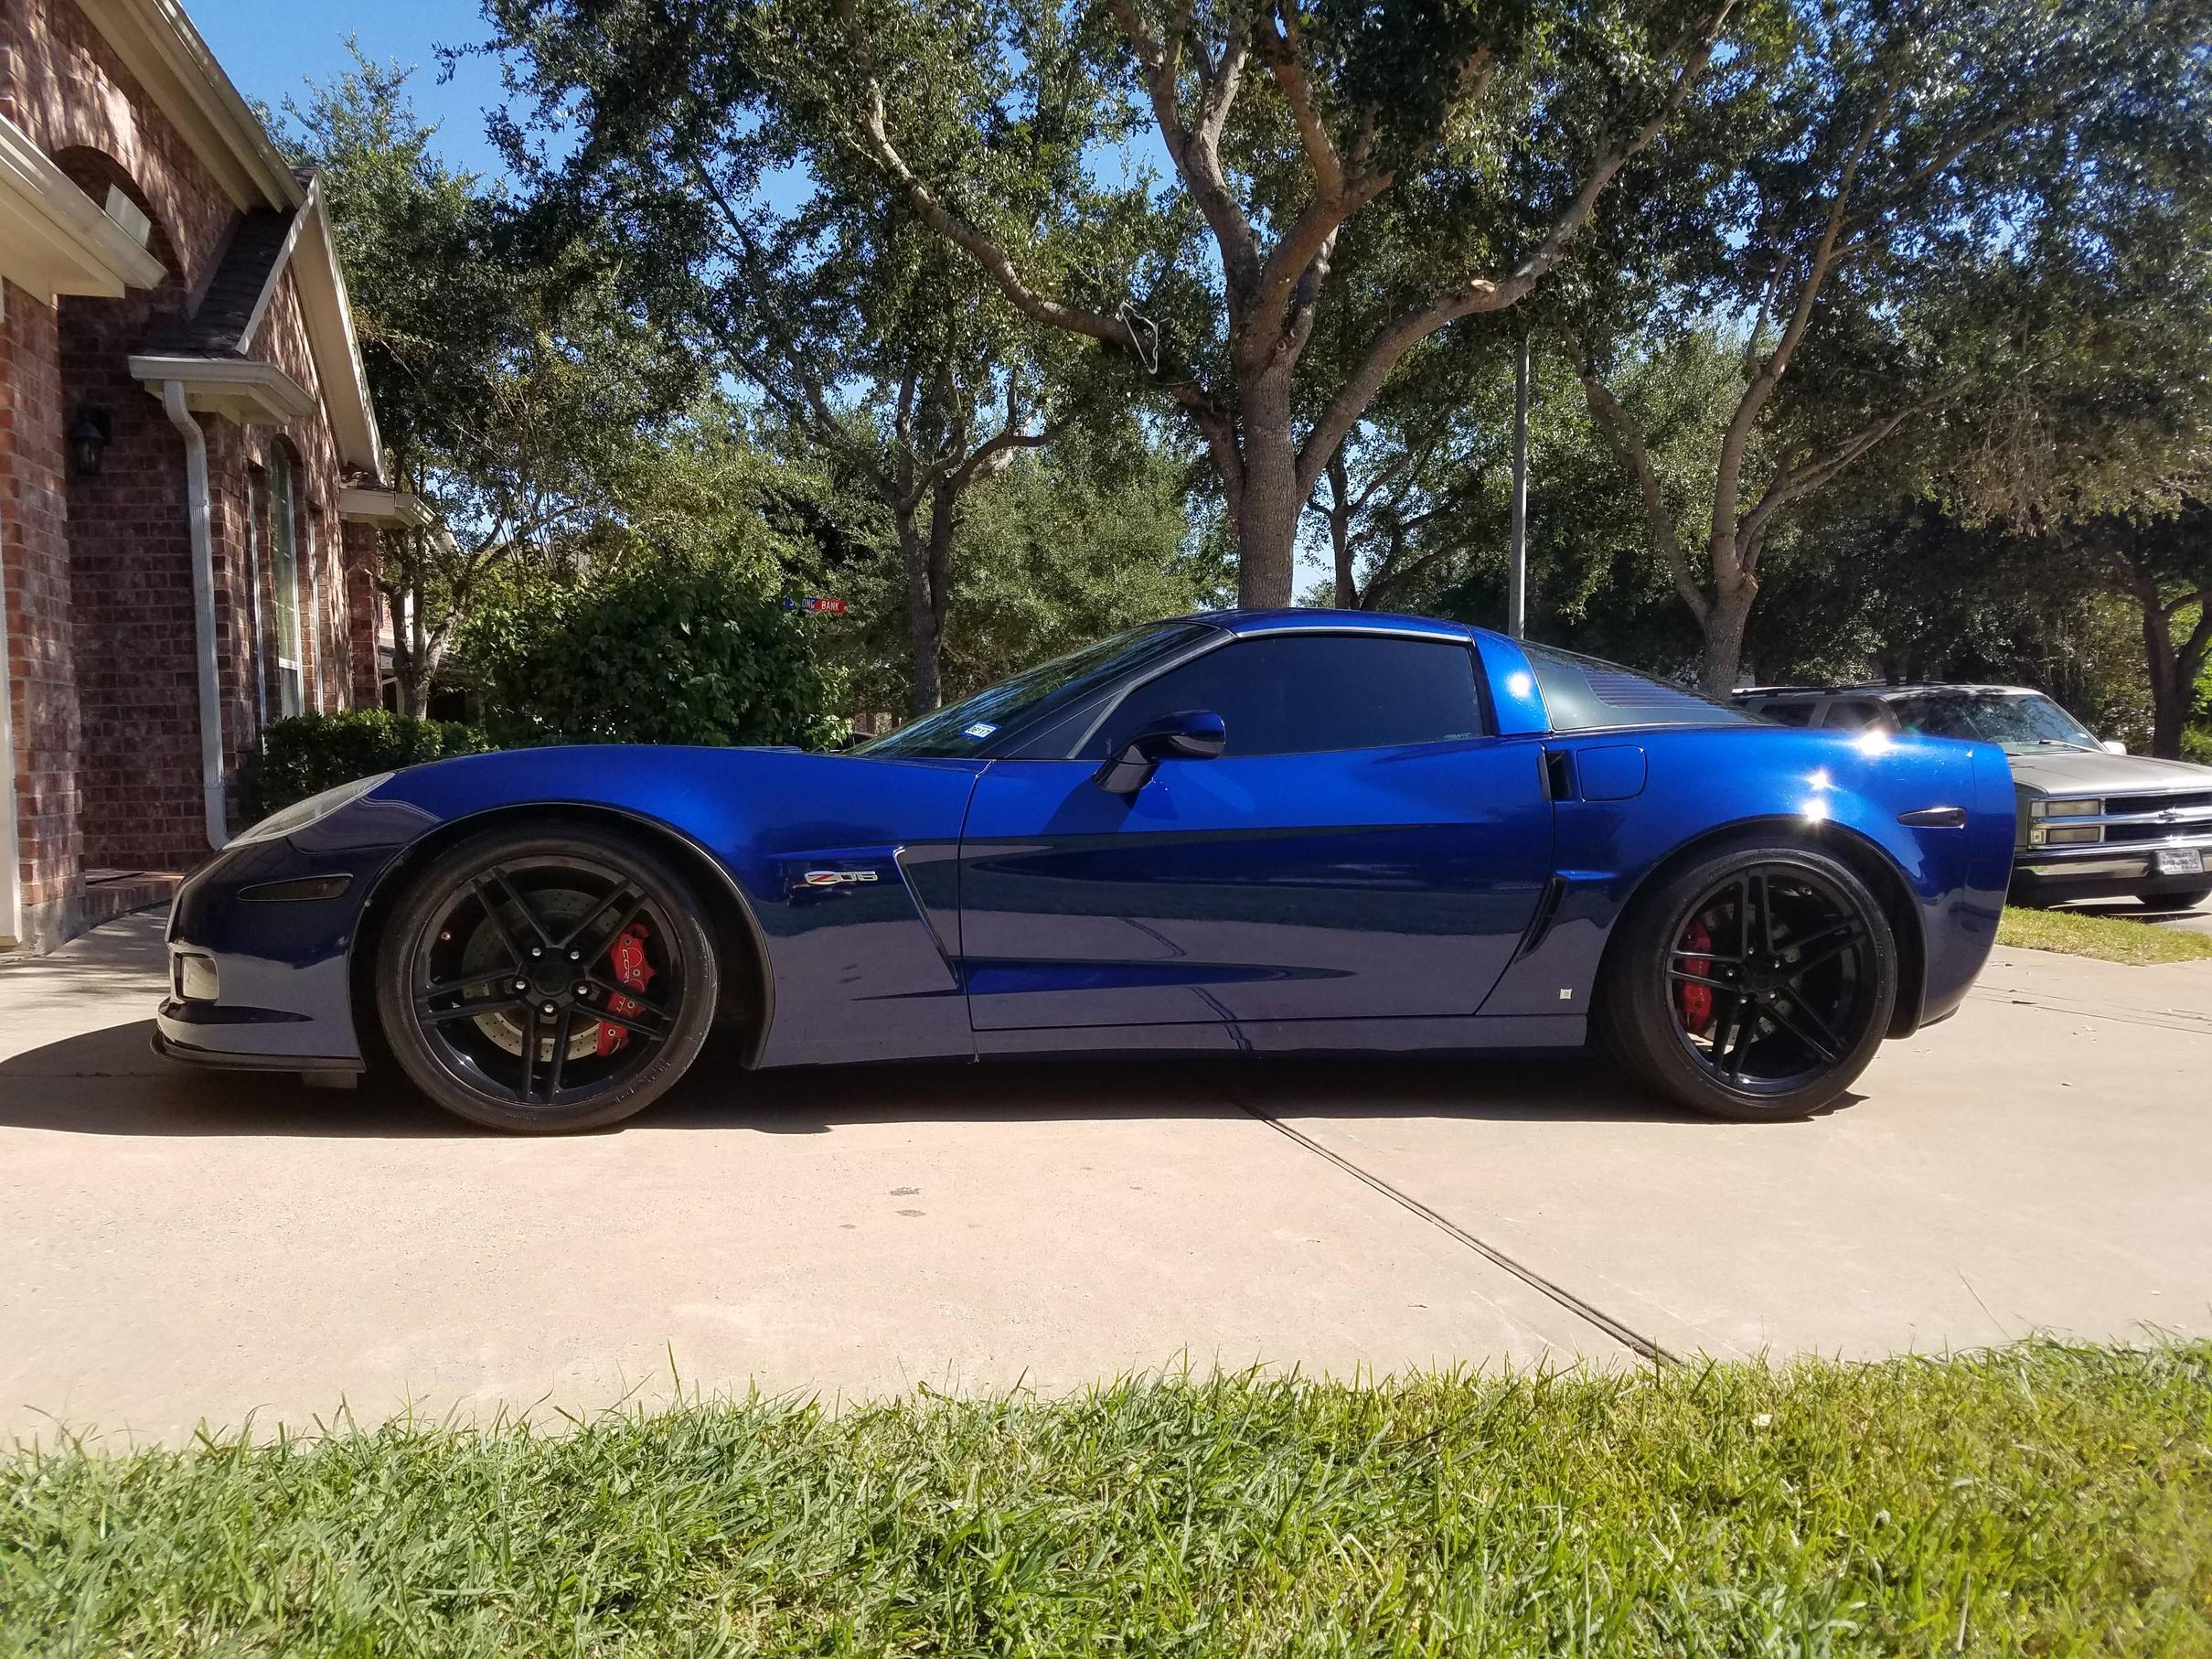 Sold 2006 corvette z06 2lz lemans blue with 62 000 miles for sale